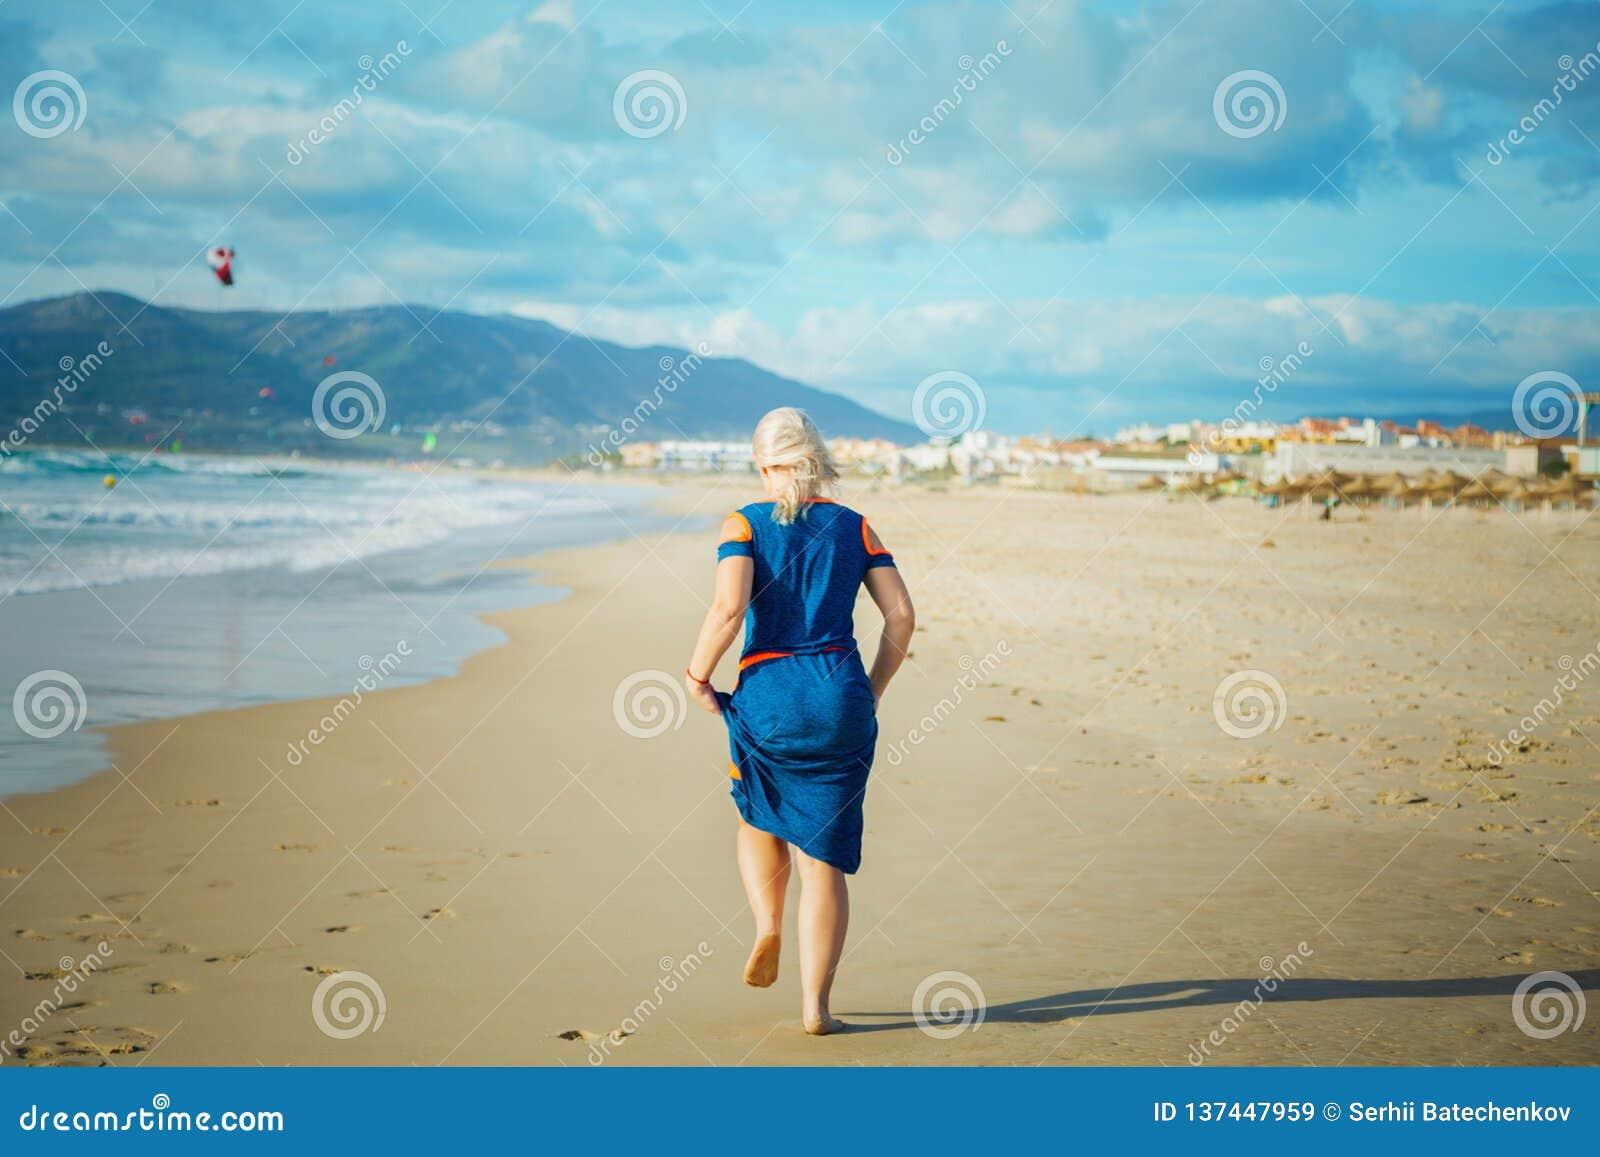 妇女在沙滩跑